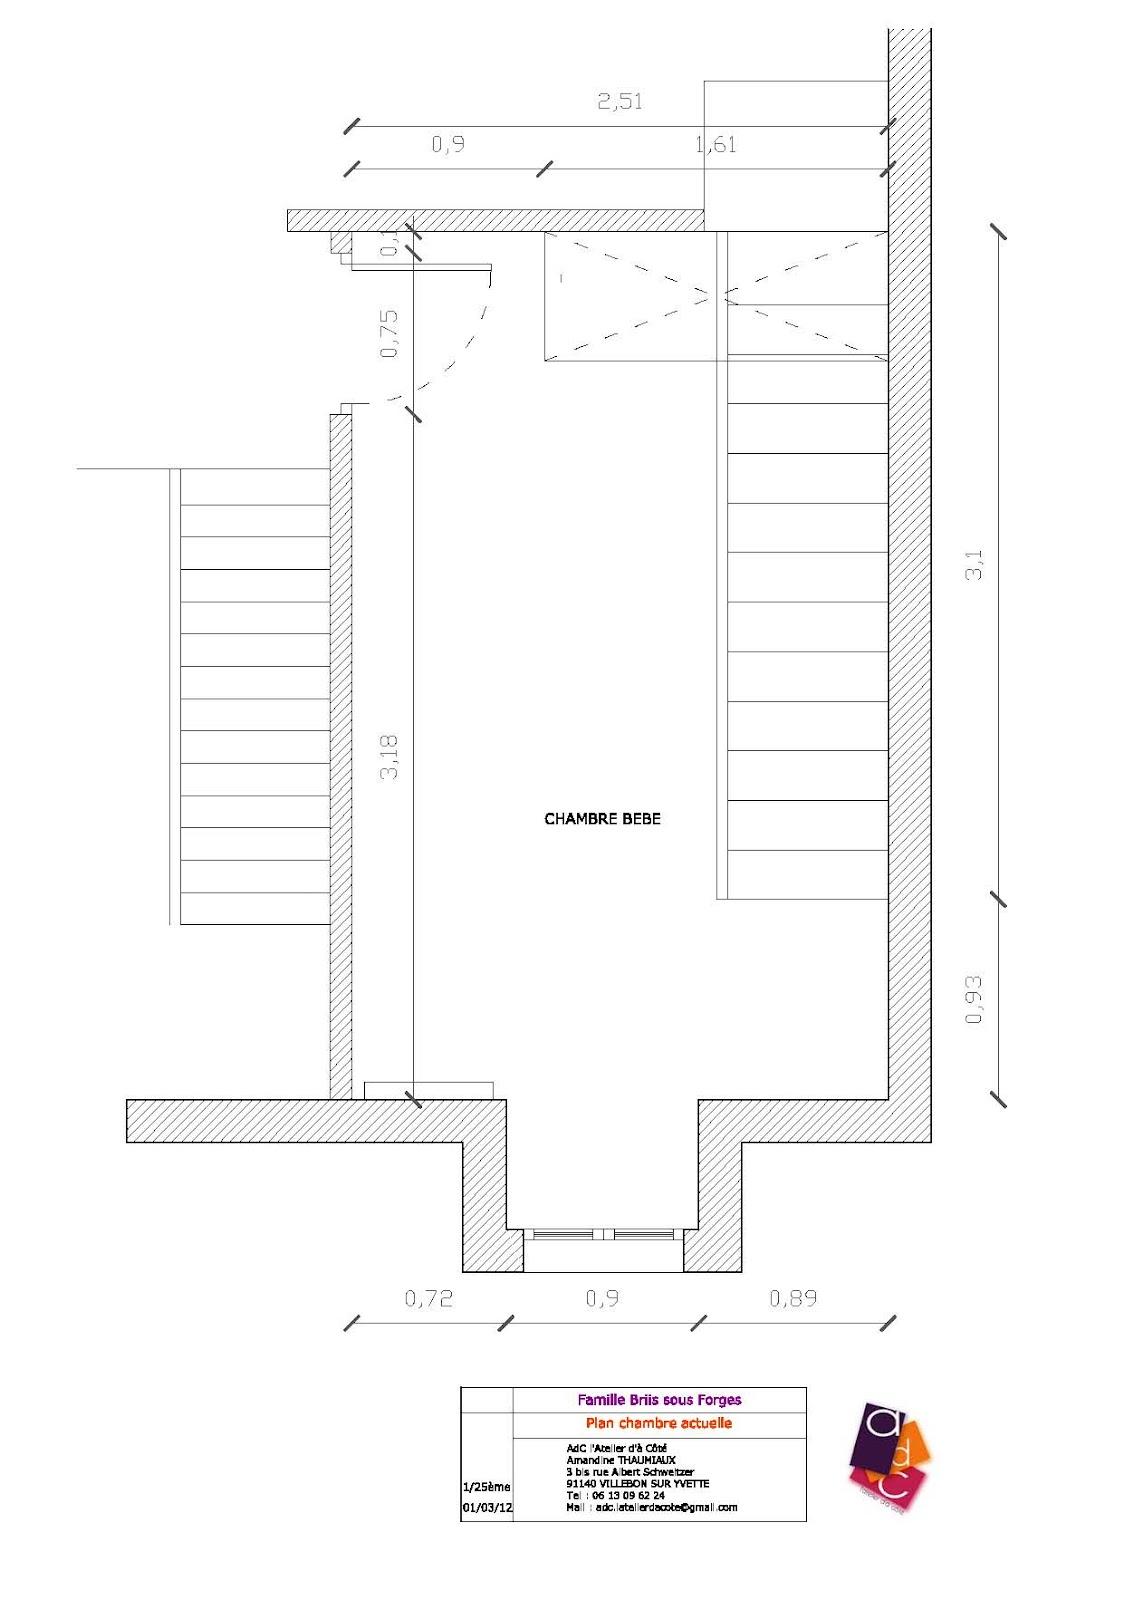 #B55816 AdC L'Atelier D'à Côté : Aménagement Intérieur Design D  3031 plan petite chambre bebe 1124x1600 px @ aertt.com